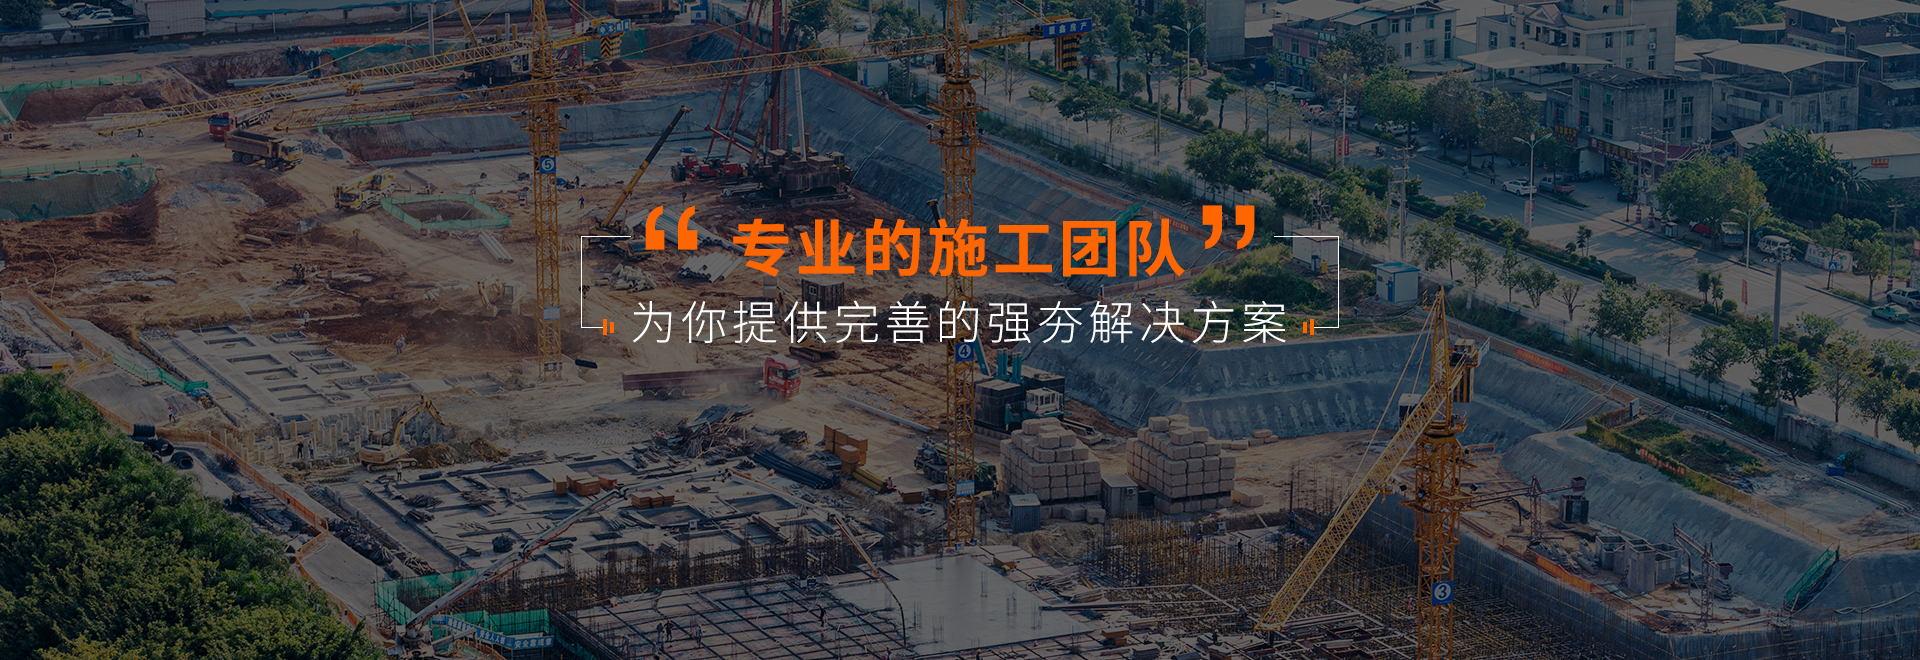 重庆强夯公司